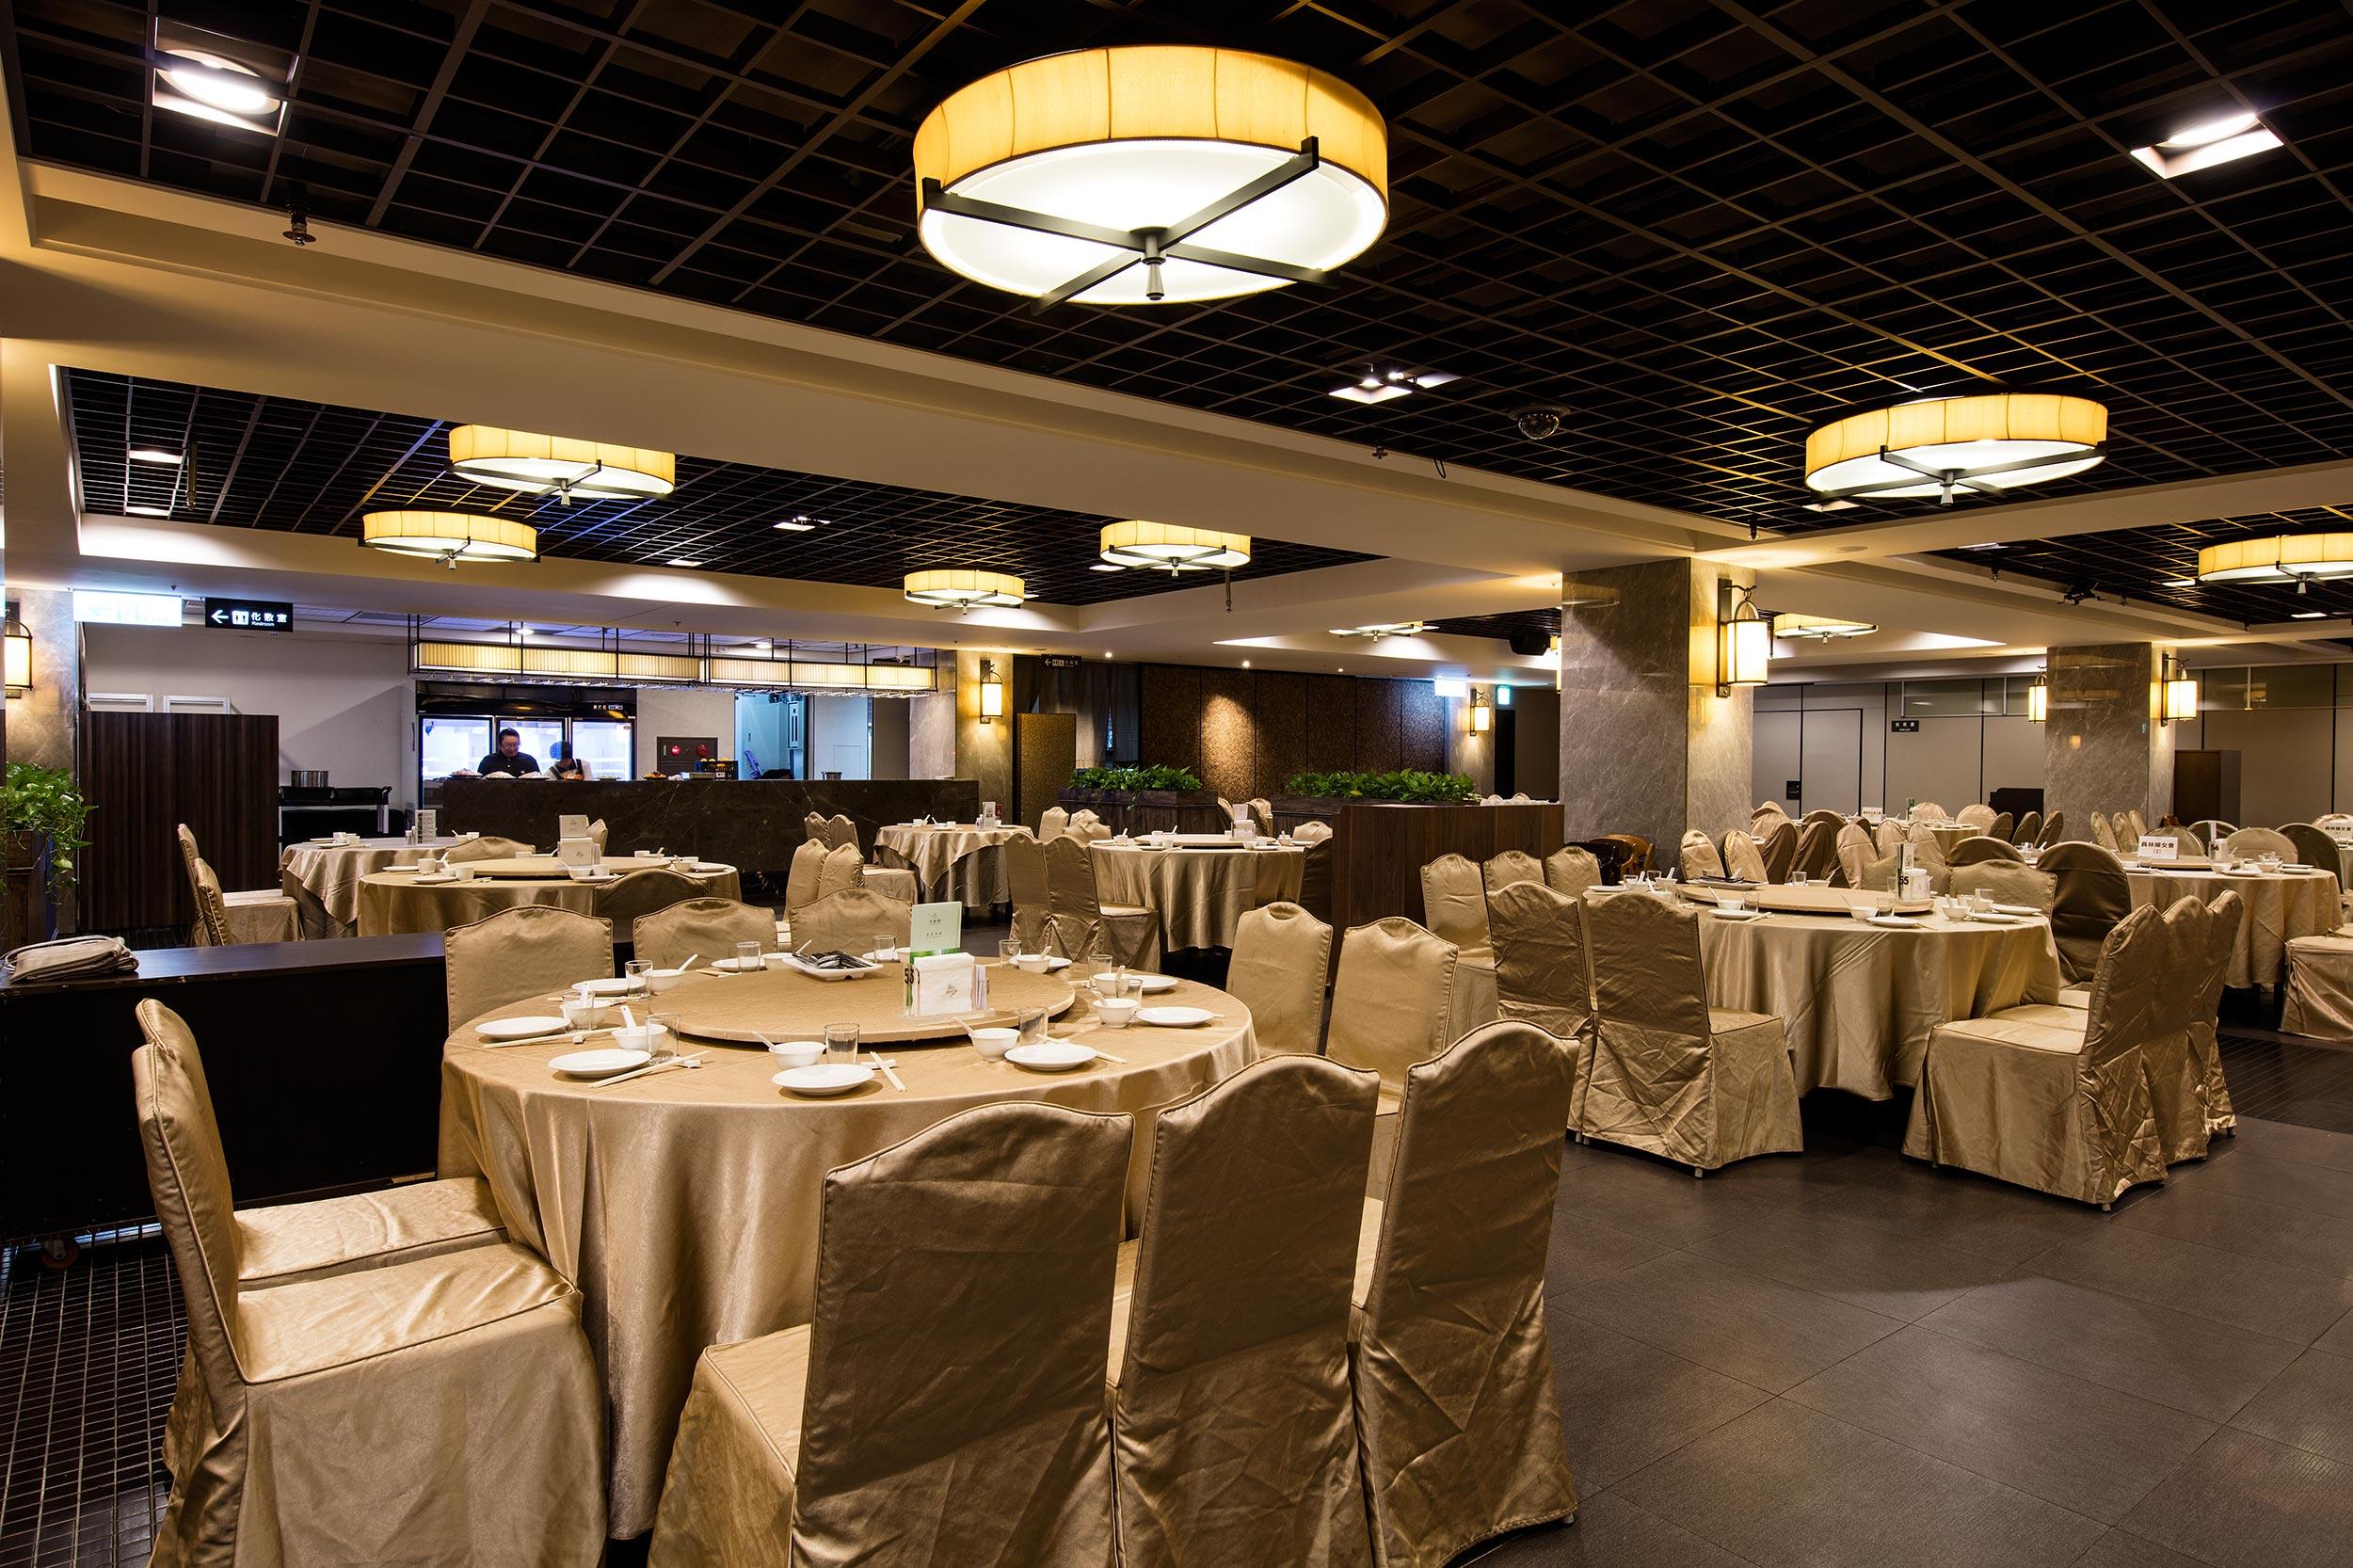 公司旅遊 團體合菜 父親節 宴會 餐廳